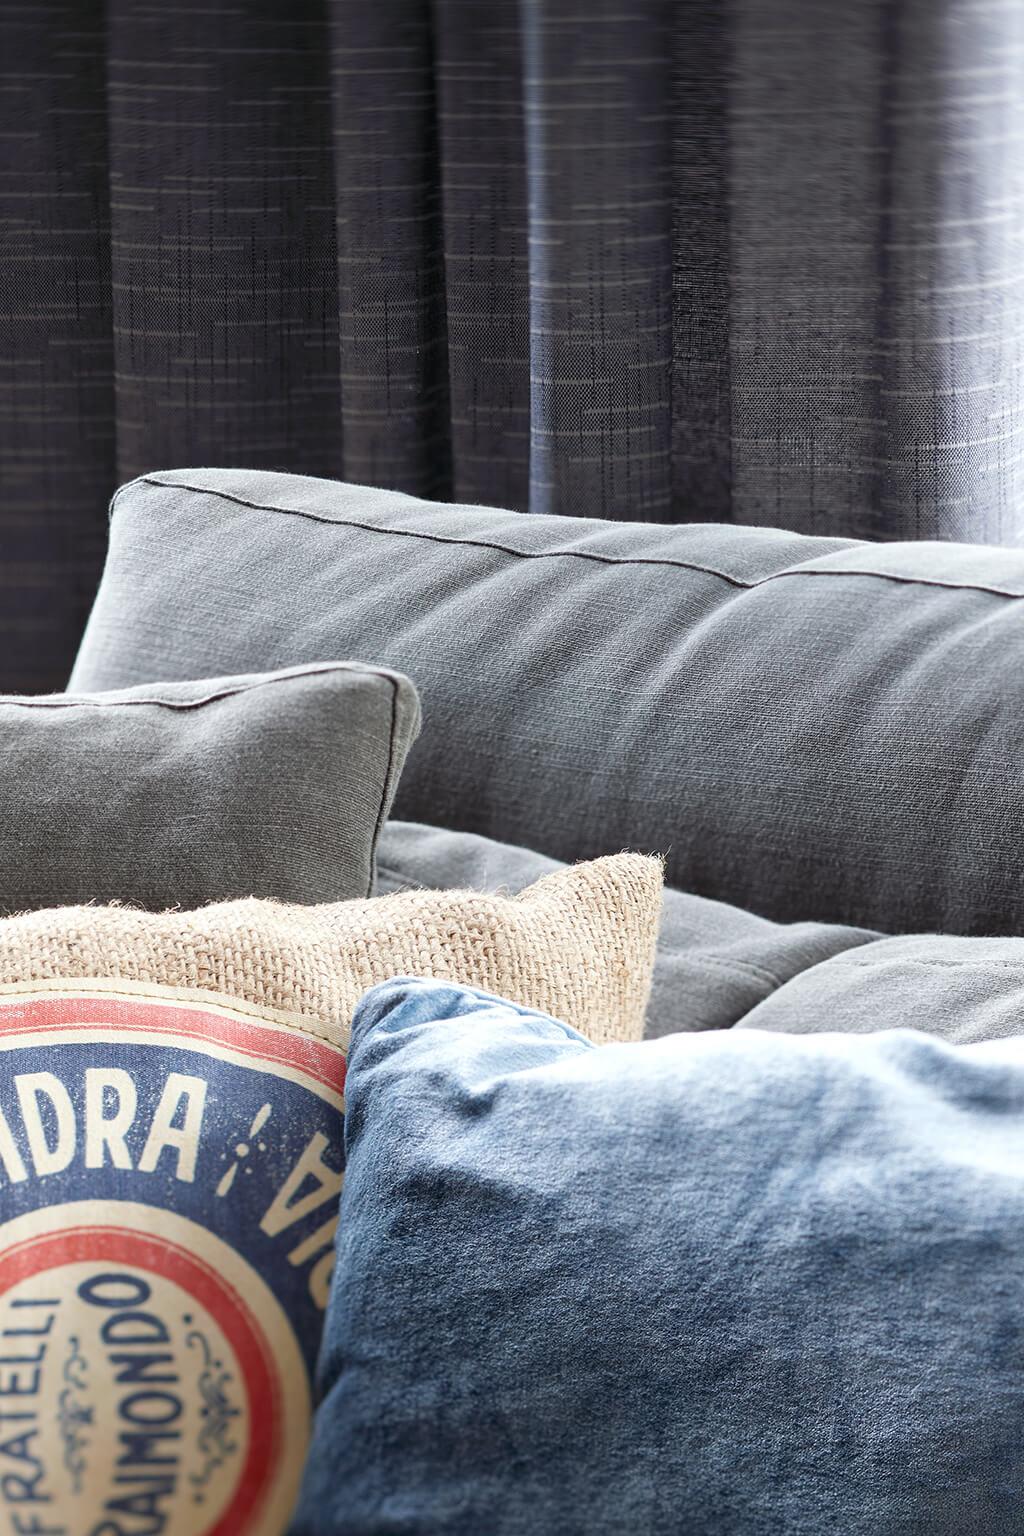 Detailaufnahme von einer grau-blauen Gardine hinter einer grauen Couch im Wohzimmer